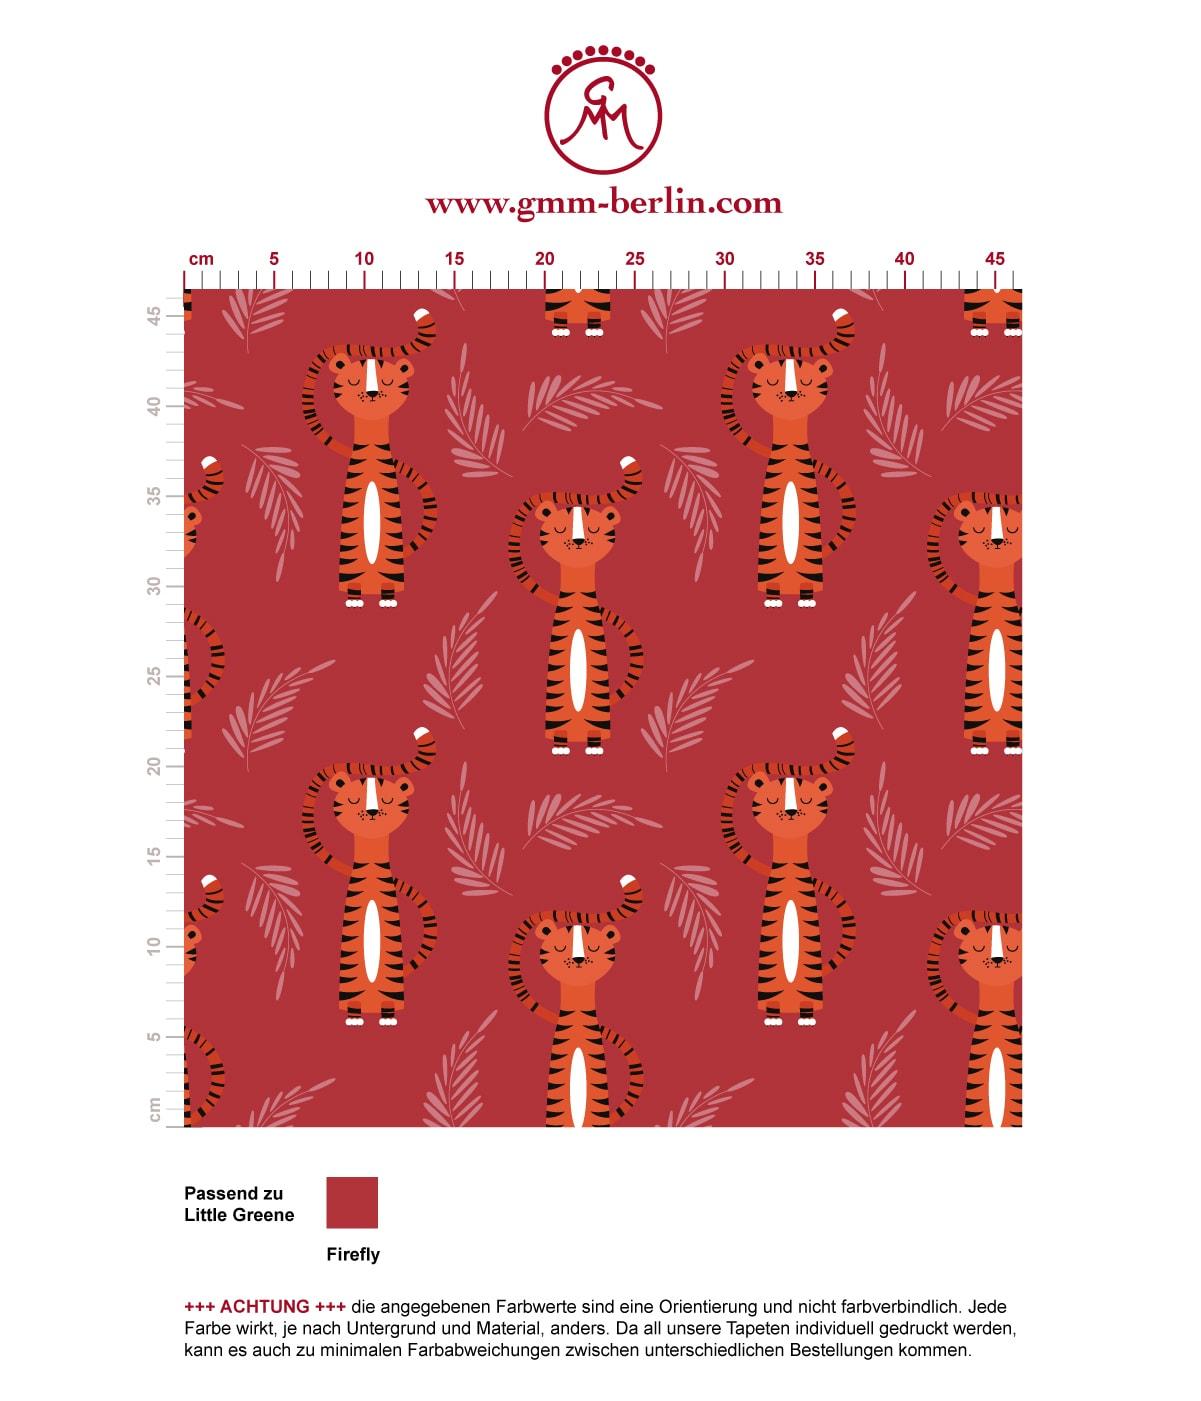 """""""Die Sieger Tiger"""" - motivierende Kinder Jugend Tapete mit lustigen Tigern auf rot angepasst an Little Greene Wandfarben. Aus dem GMM-BERLIN.com Sortiment: Schöne Tapeten in der Farbe: Orange"""